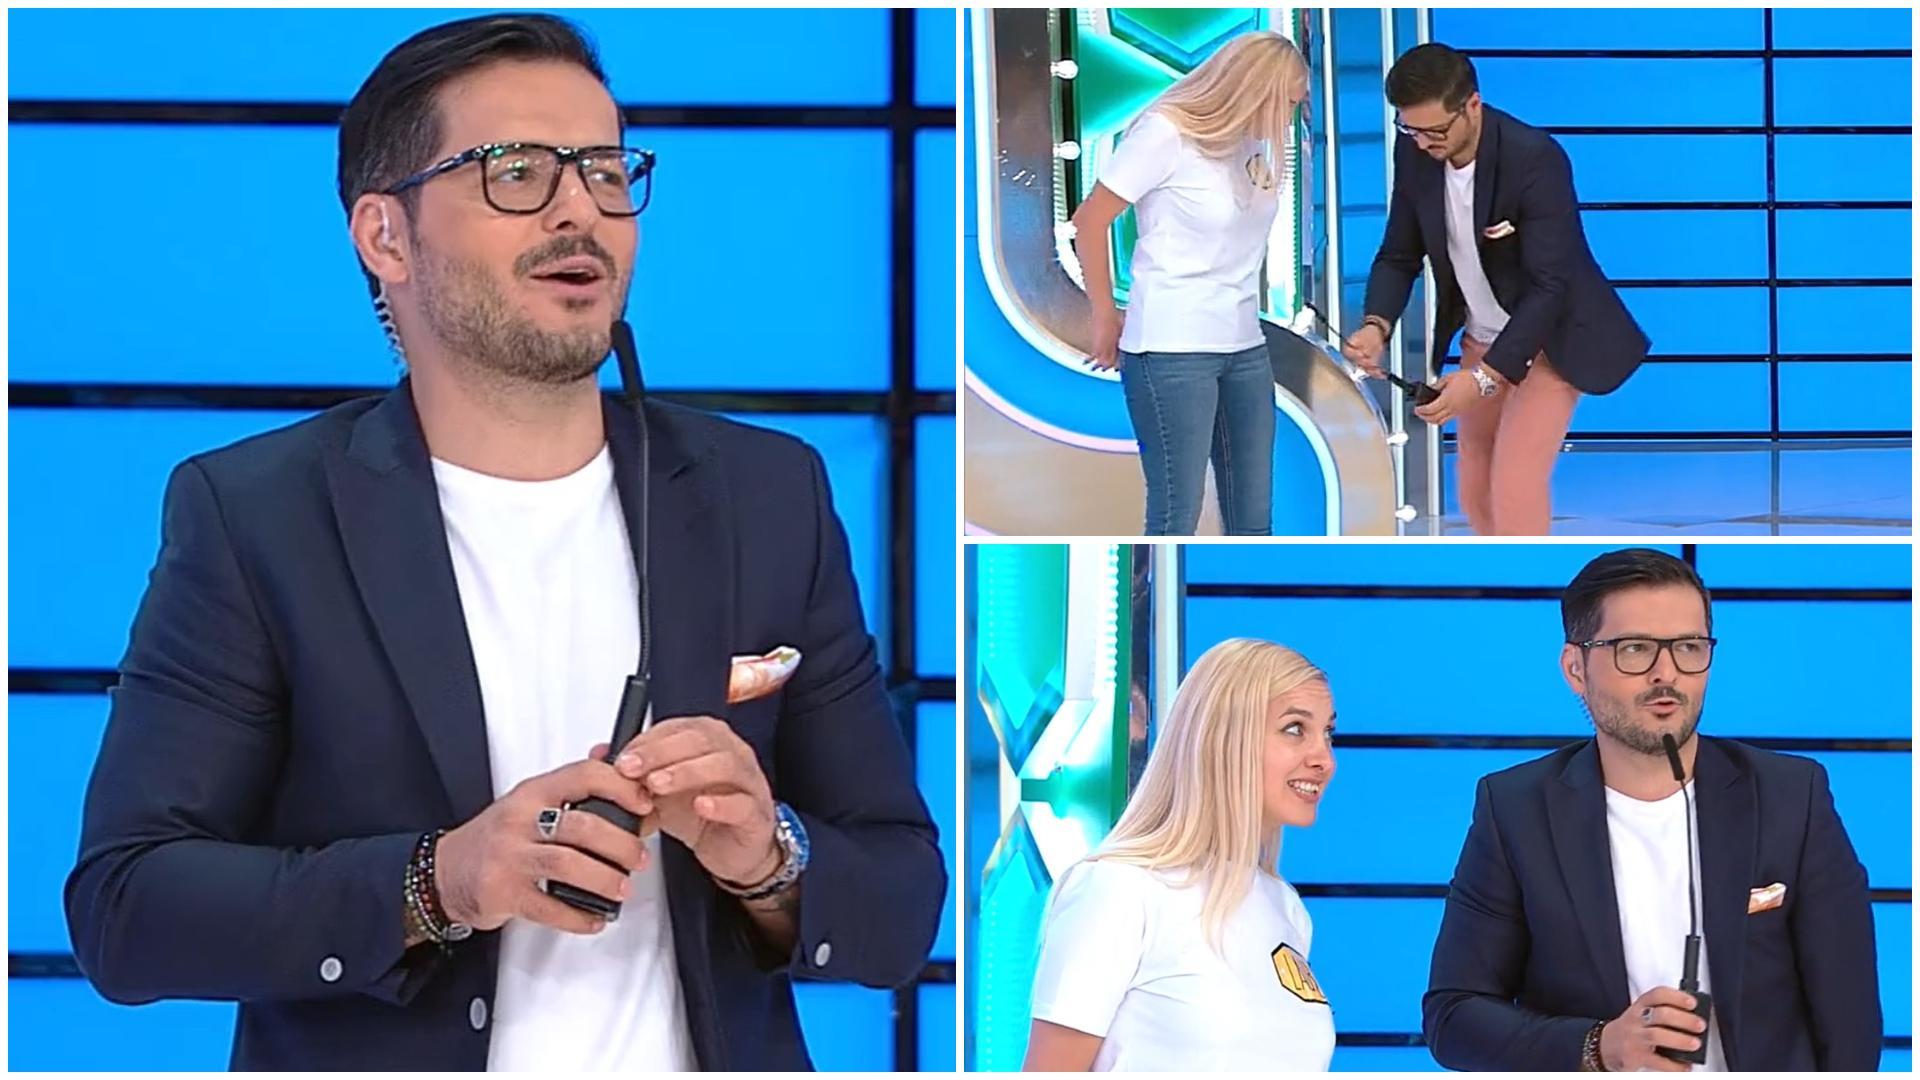 Prețul cel bun, 28 septembrie 2021. Laura l-a făcut pe Liviu Vârciu să scape microfonul din mână. Ce i-a spus concurenta